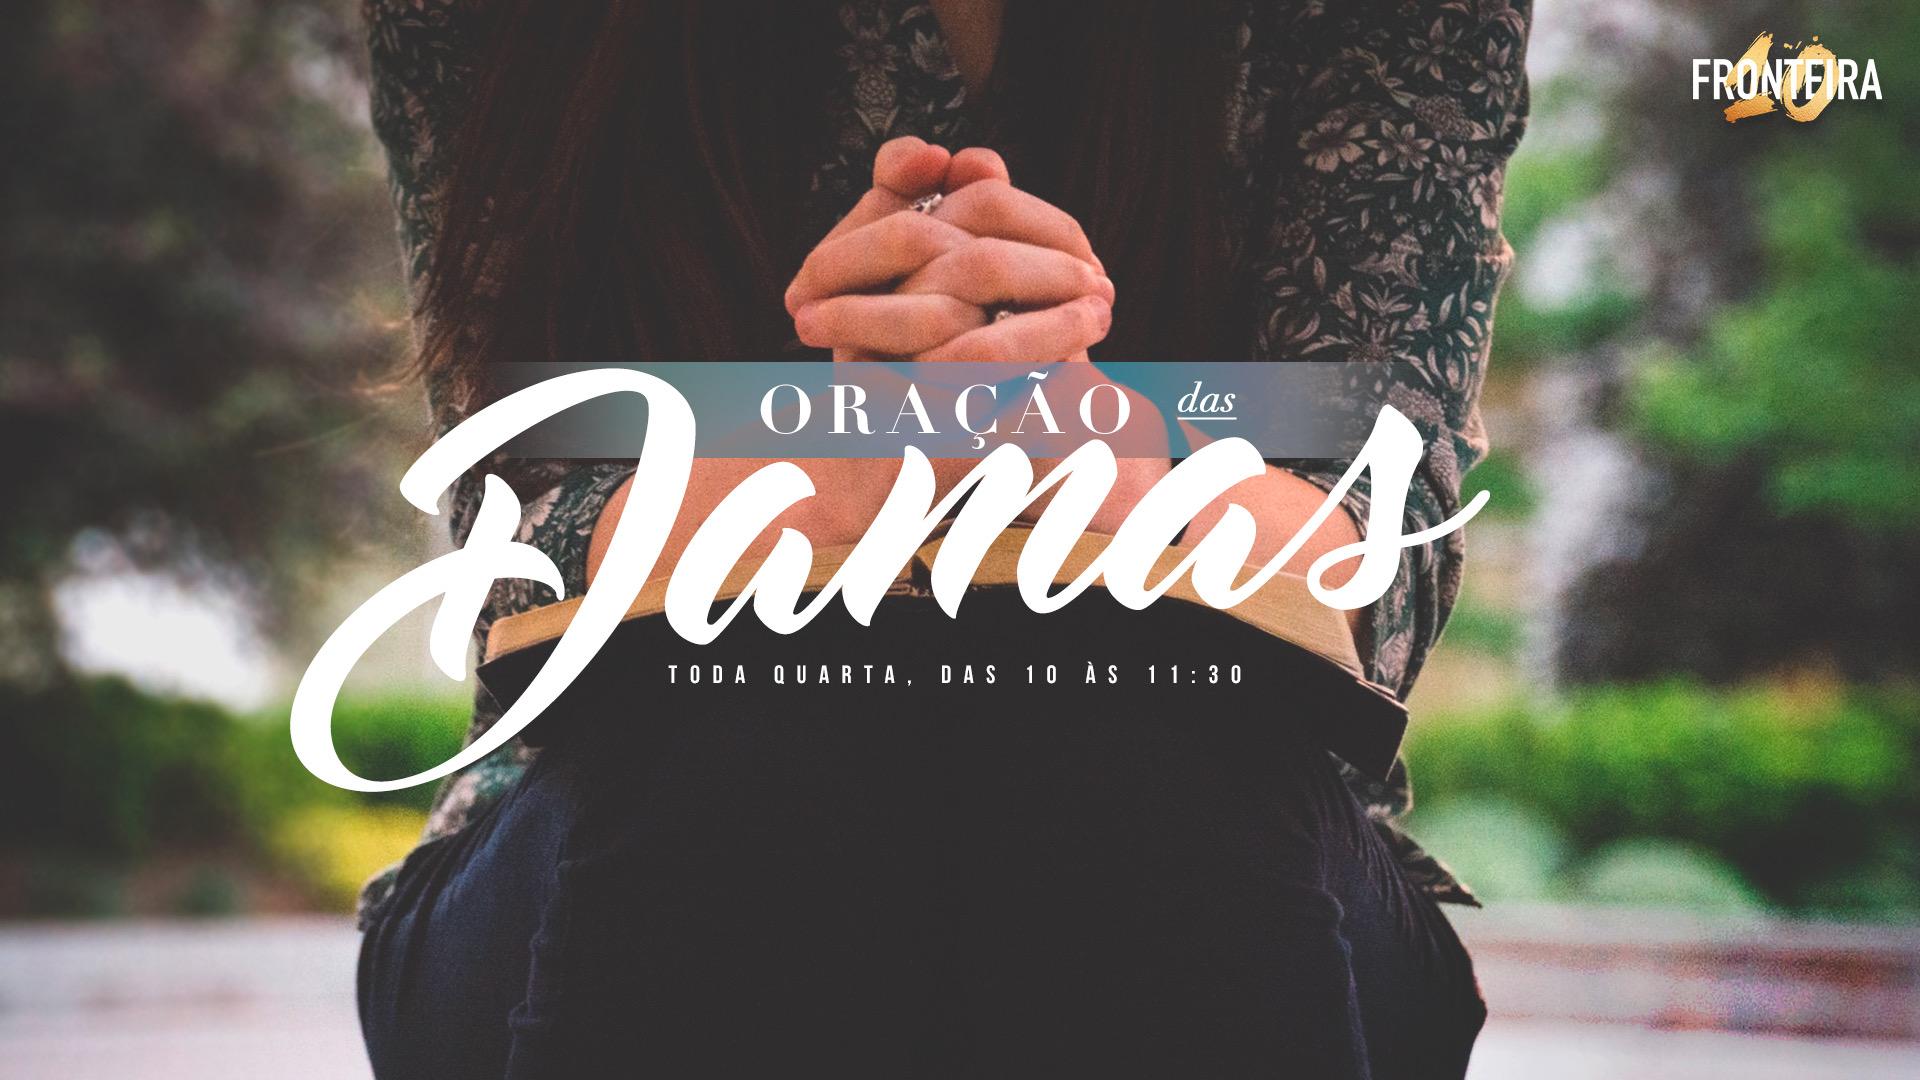 Oração_Damas_horario.jpg